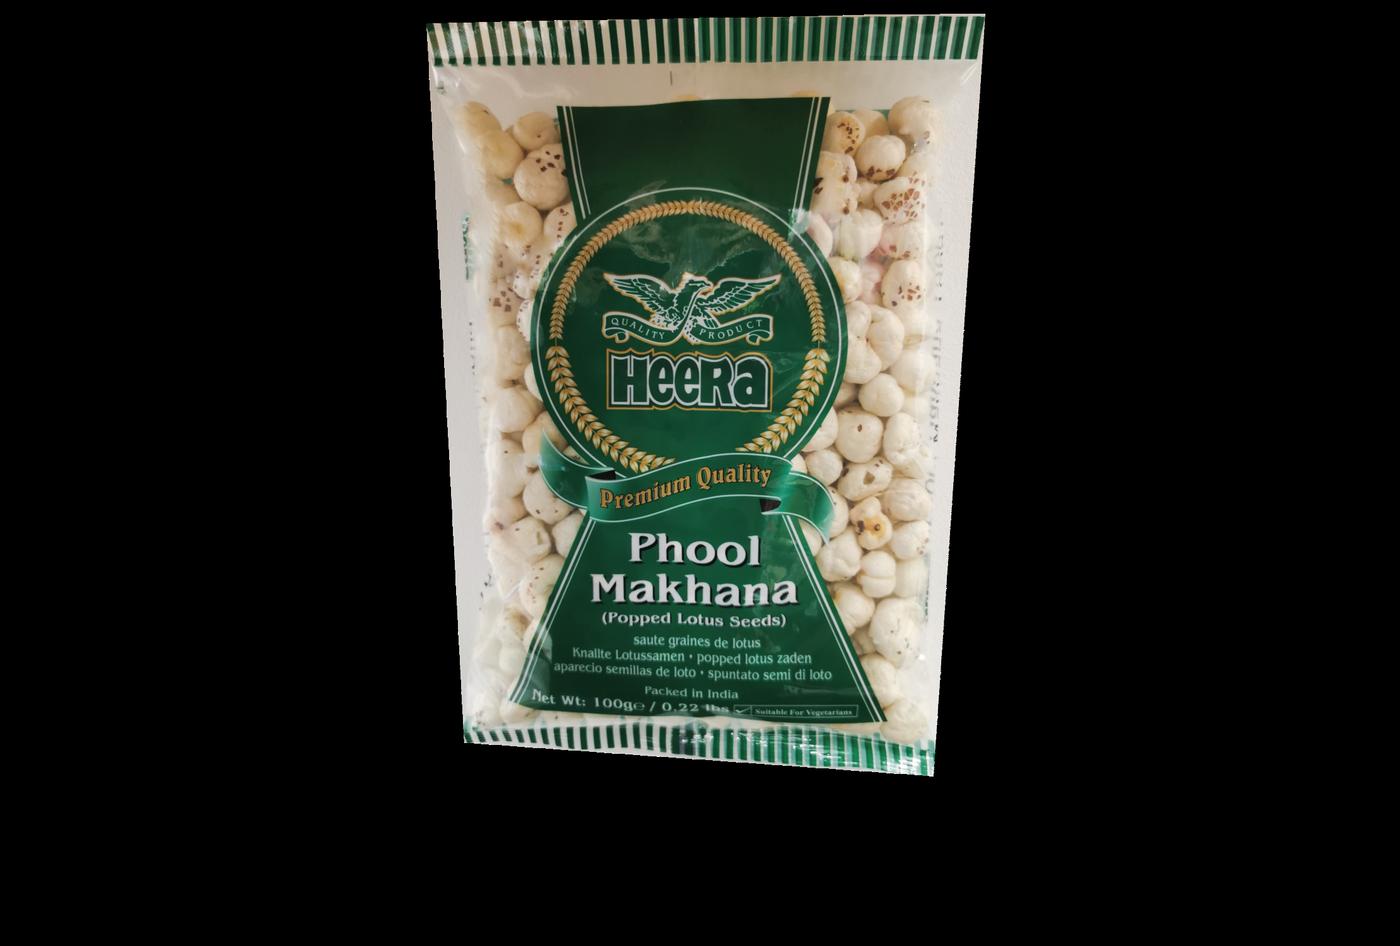 Heera Phool Makhana (Popped Lotus Seeds)